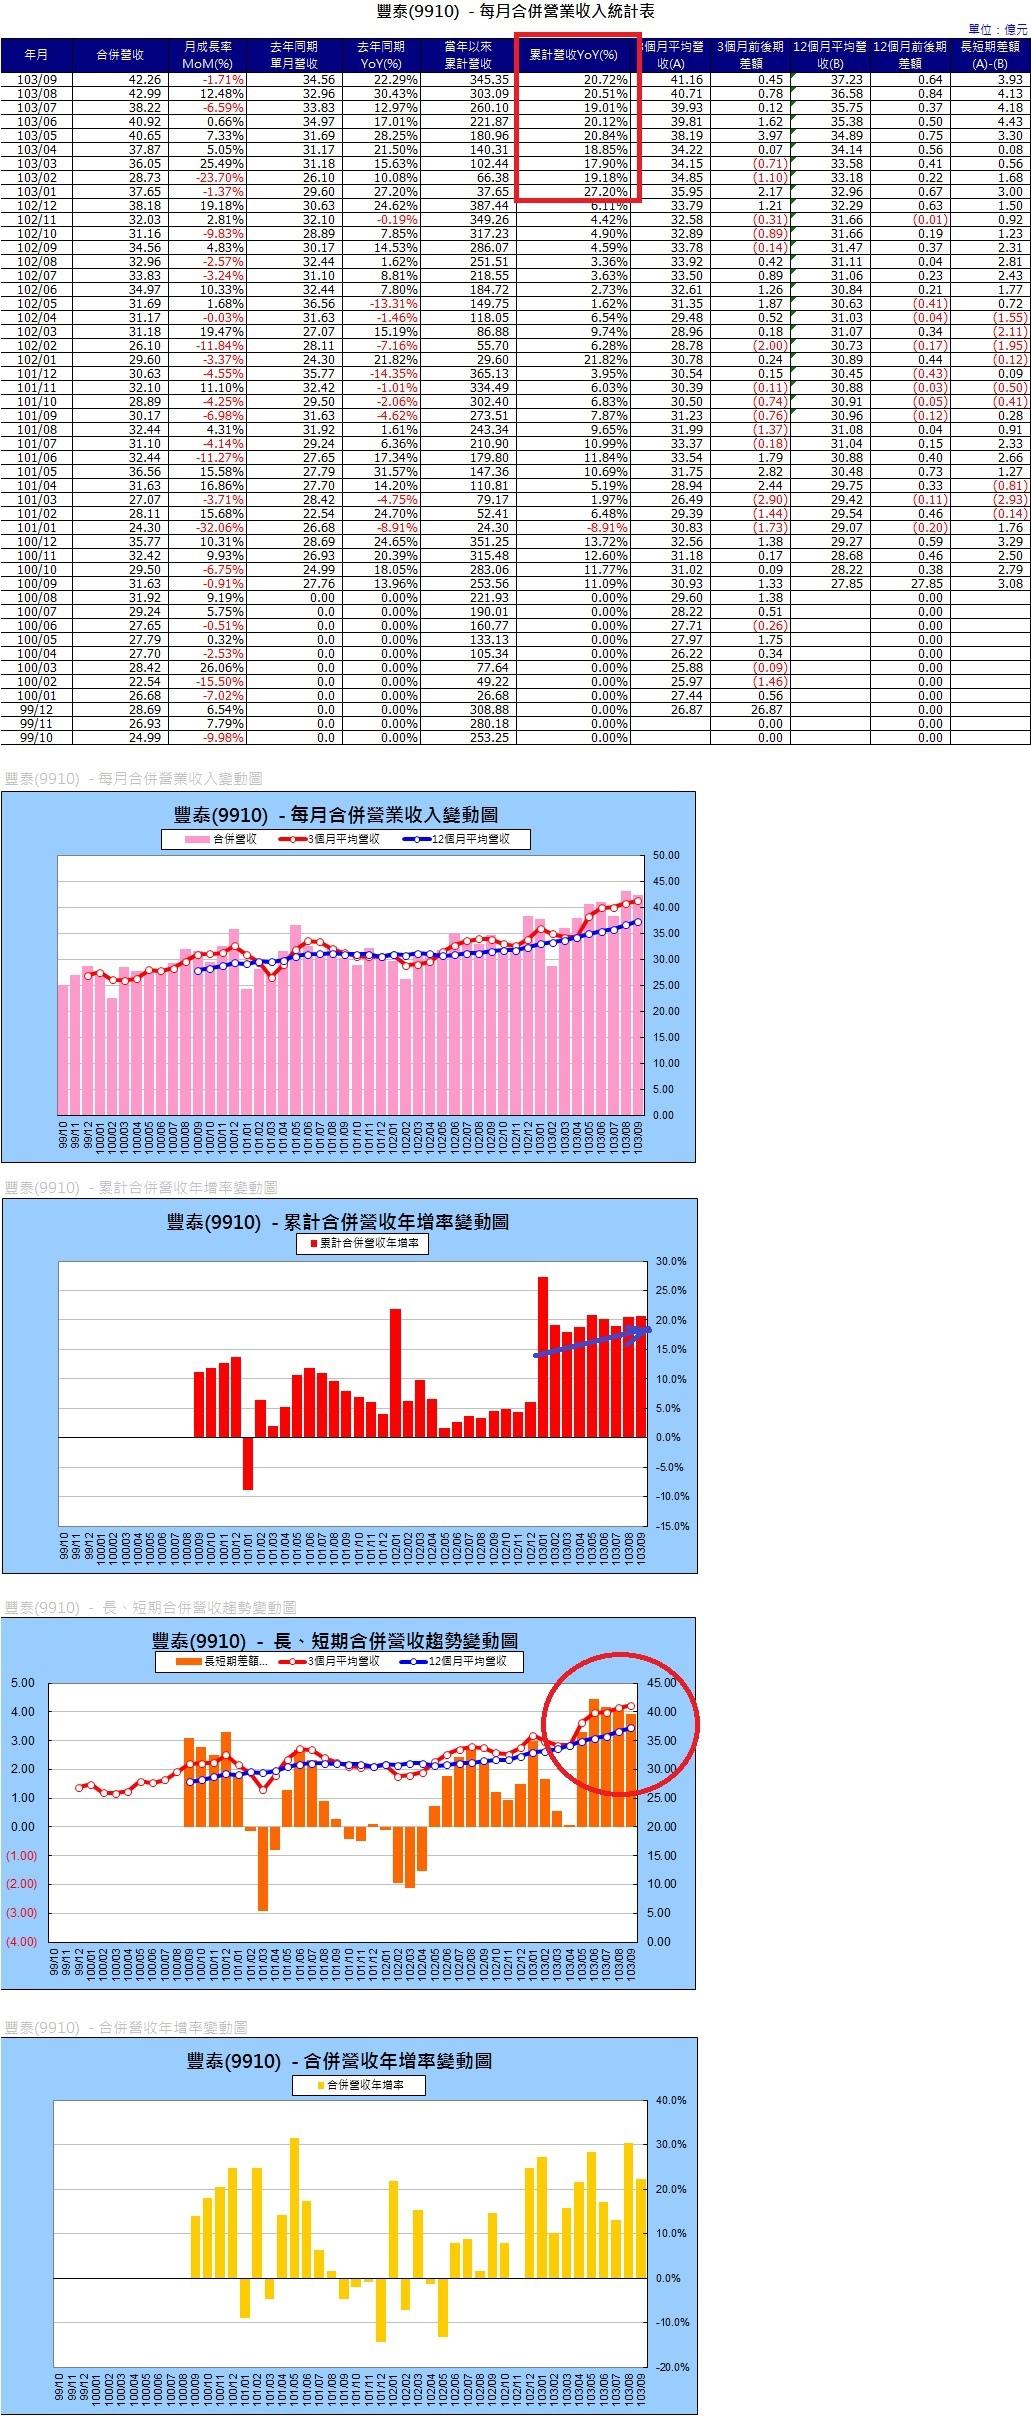 9910各月營收圖表